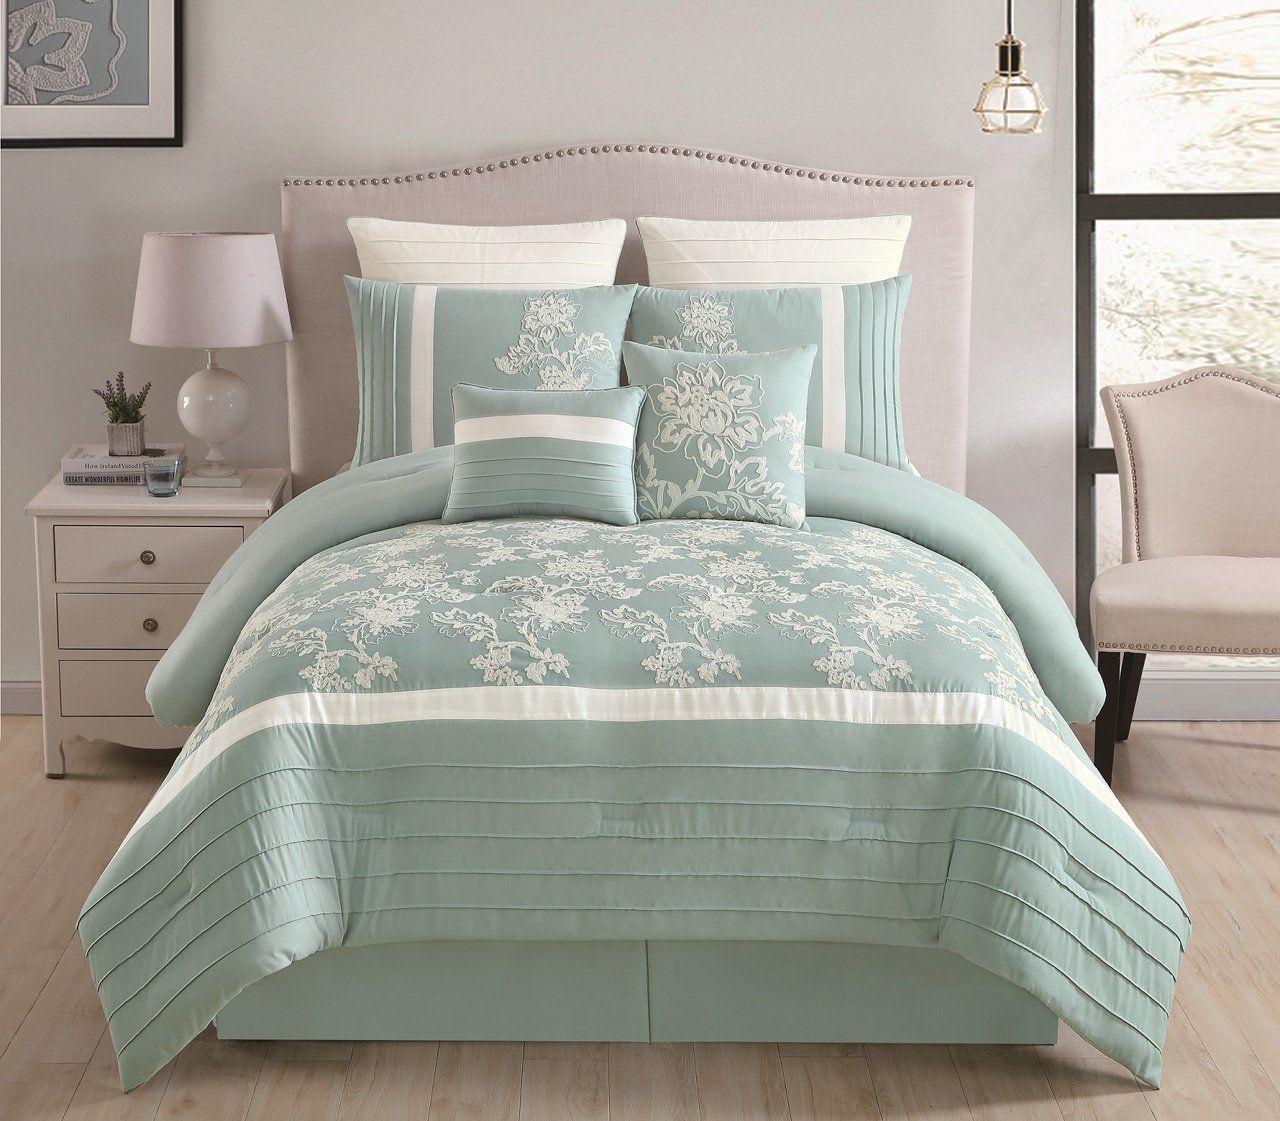 12 Piece Maris Sage Bed In A Bag Set Comforter Sets Aqua